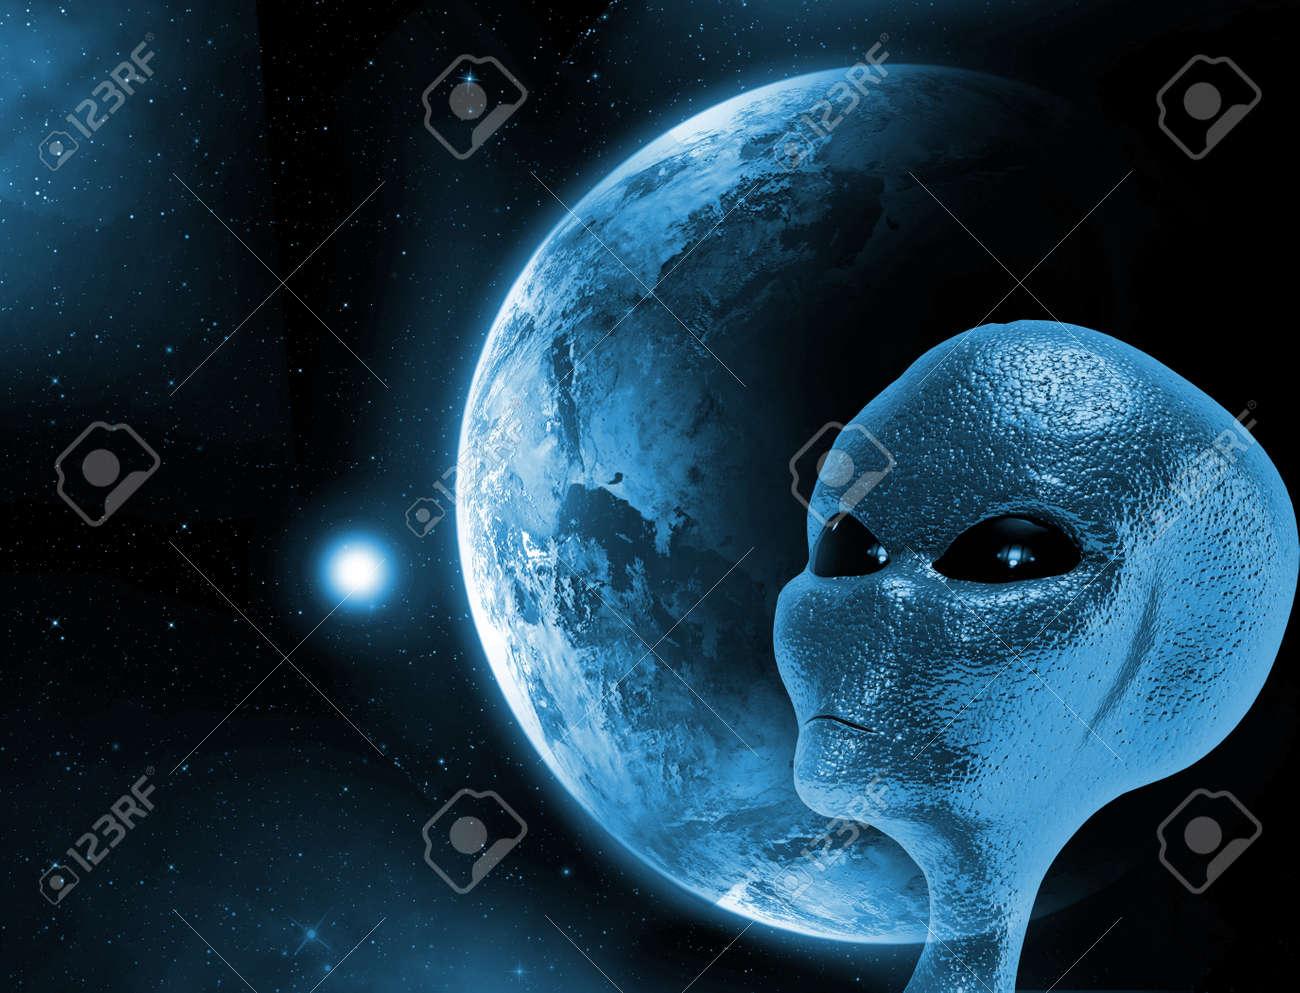 Alien planet images